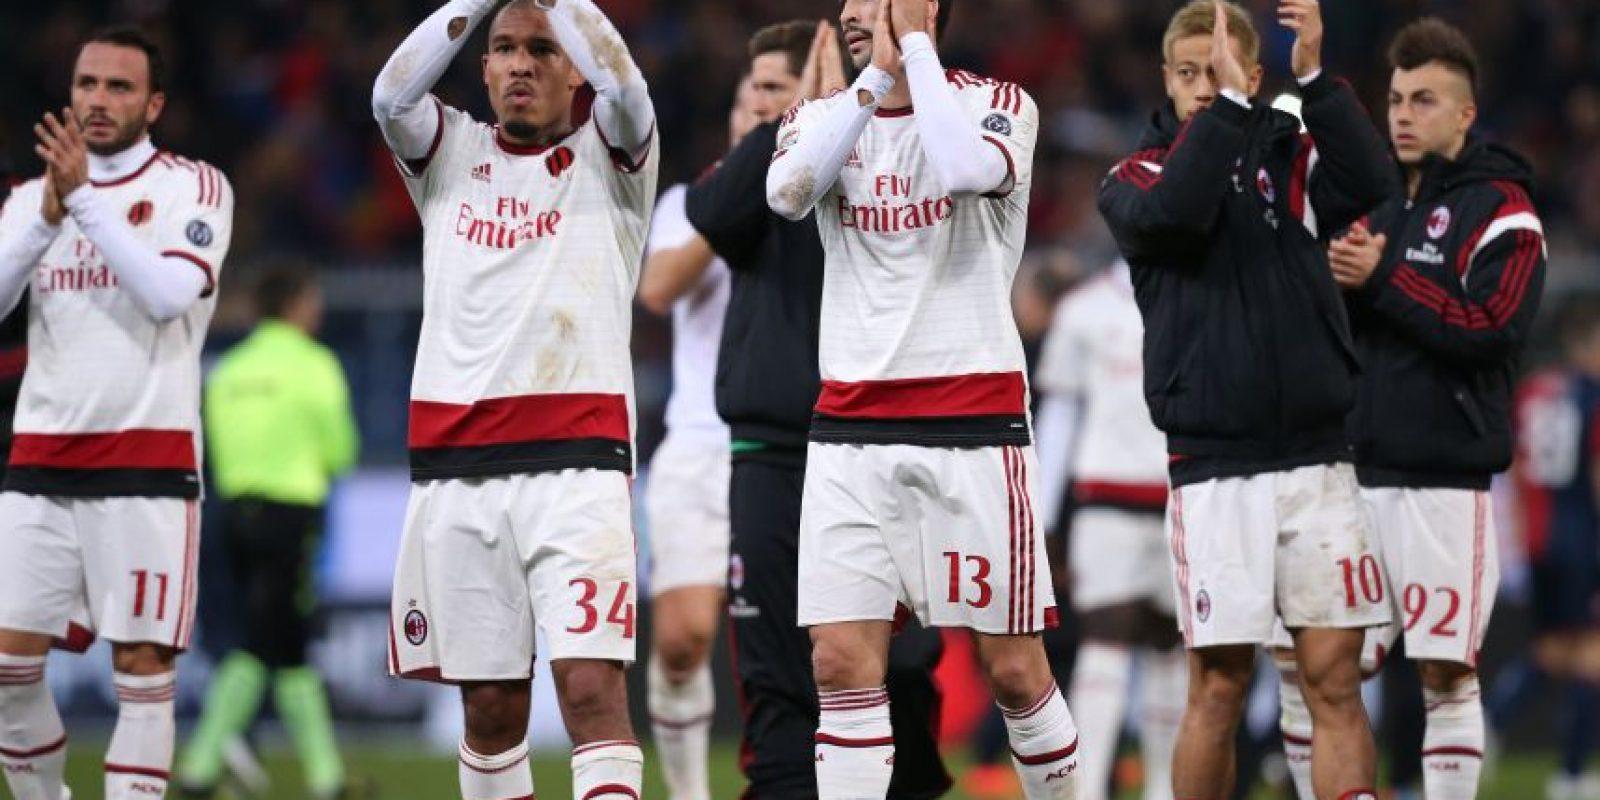 Los jugadores del Milan al final del partido. Foto:AFP